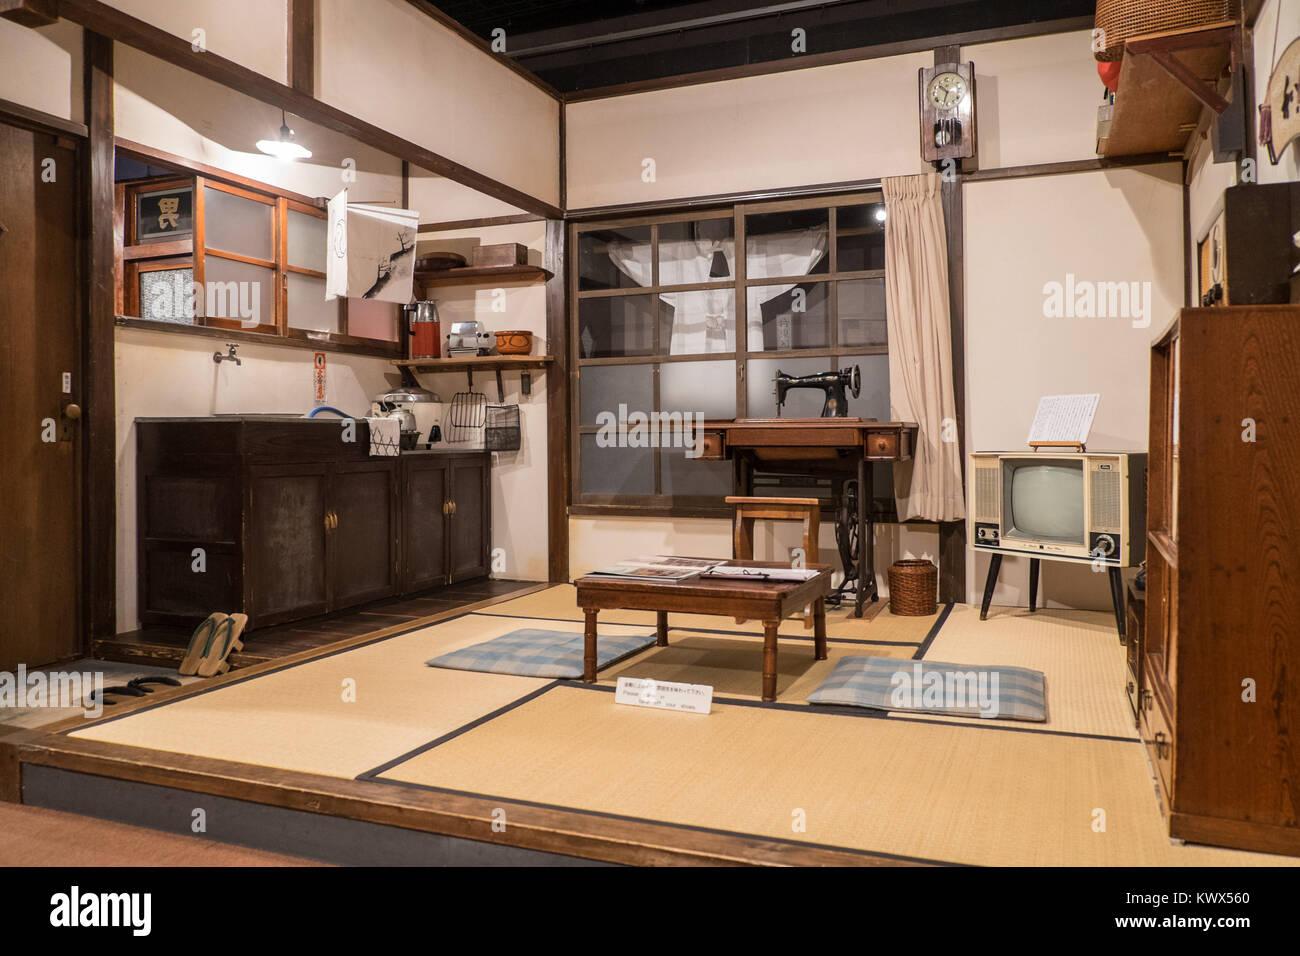 le japon  tokyo   int u00e9rieur d u0026 39 une maison traditionnelle japonaise dans le quartier de ueno